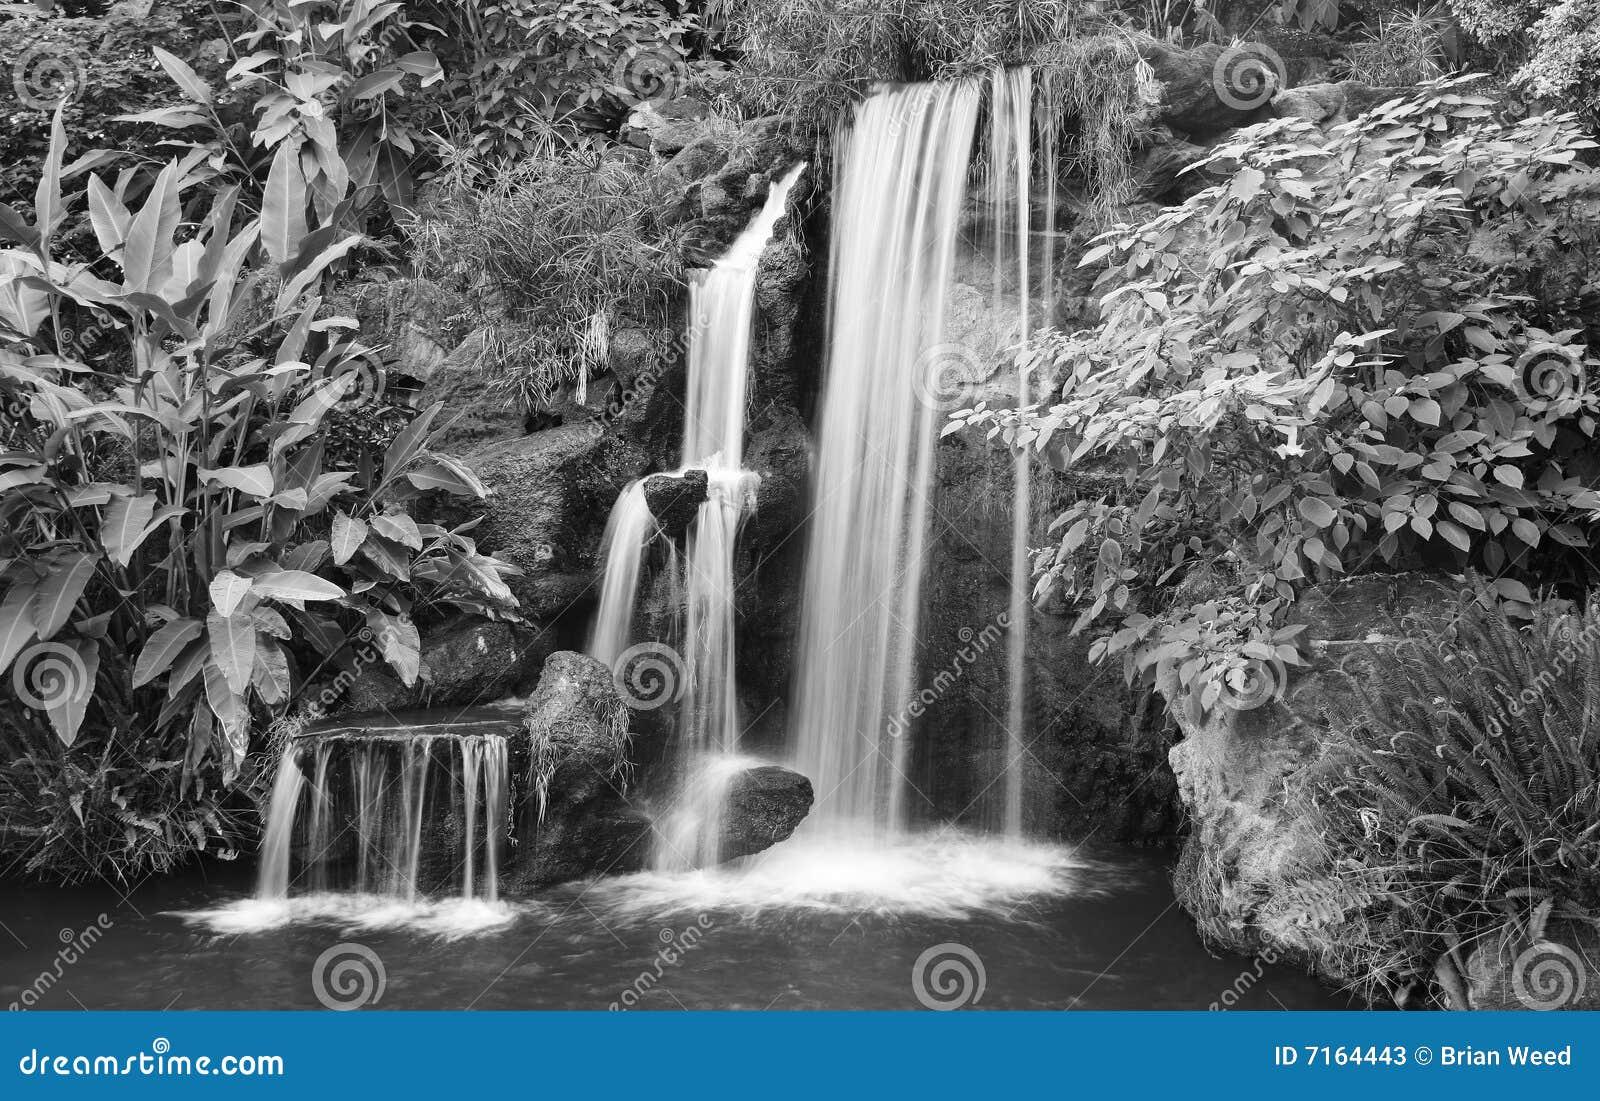 Zwart-witte Waterval